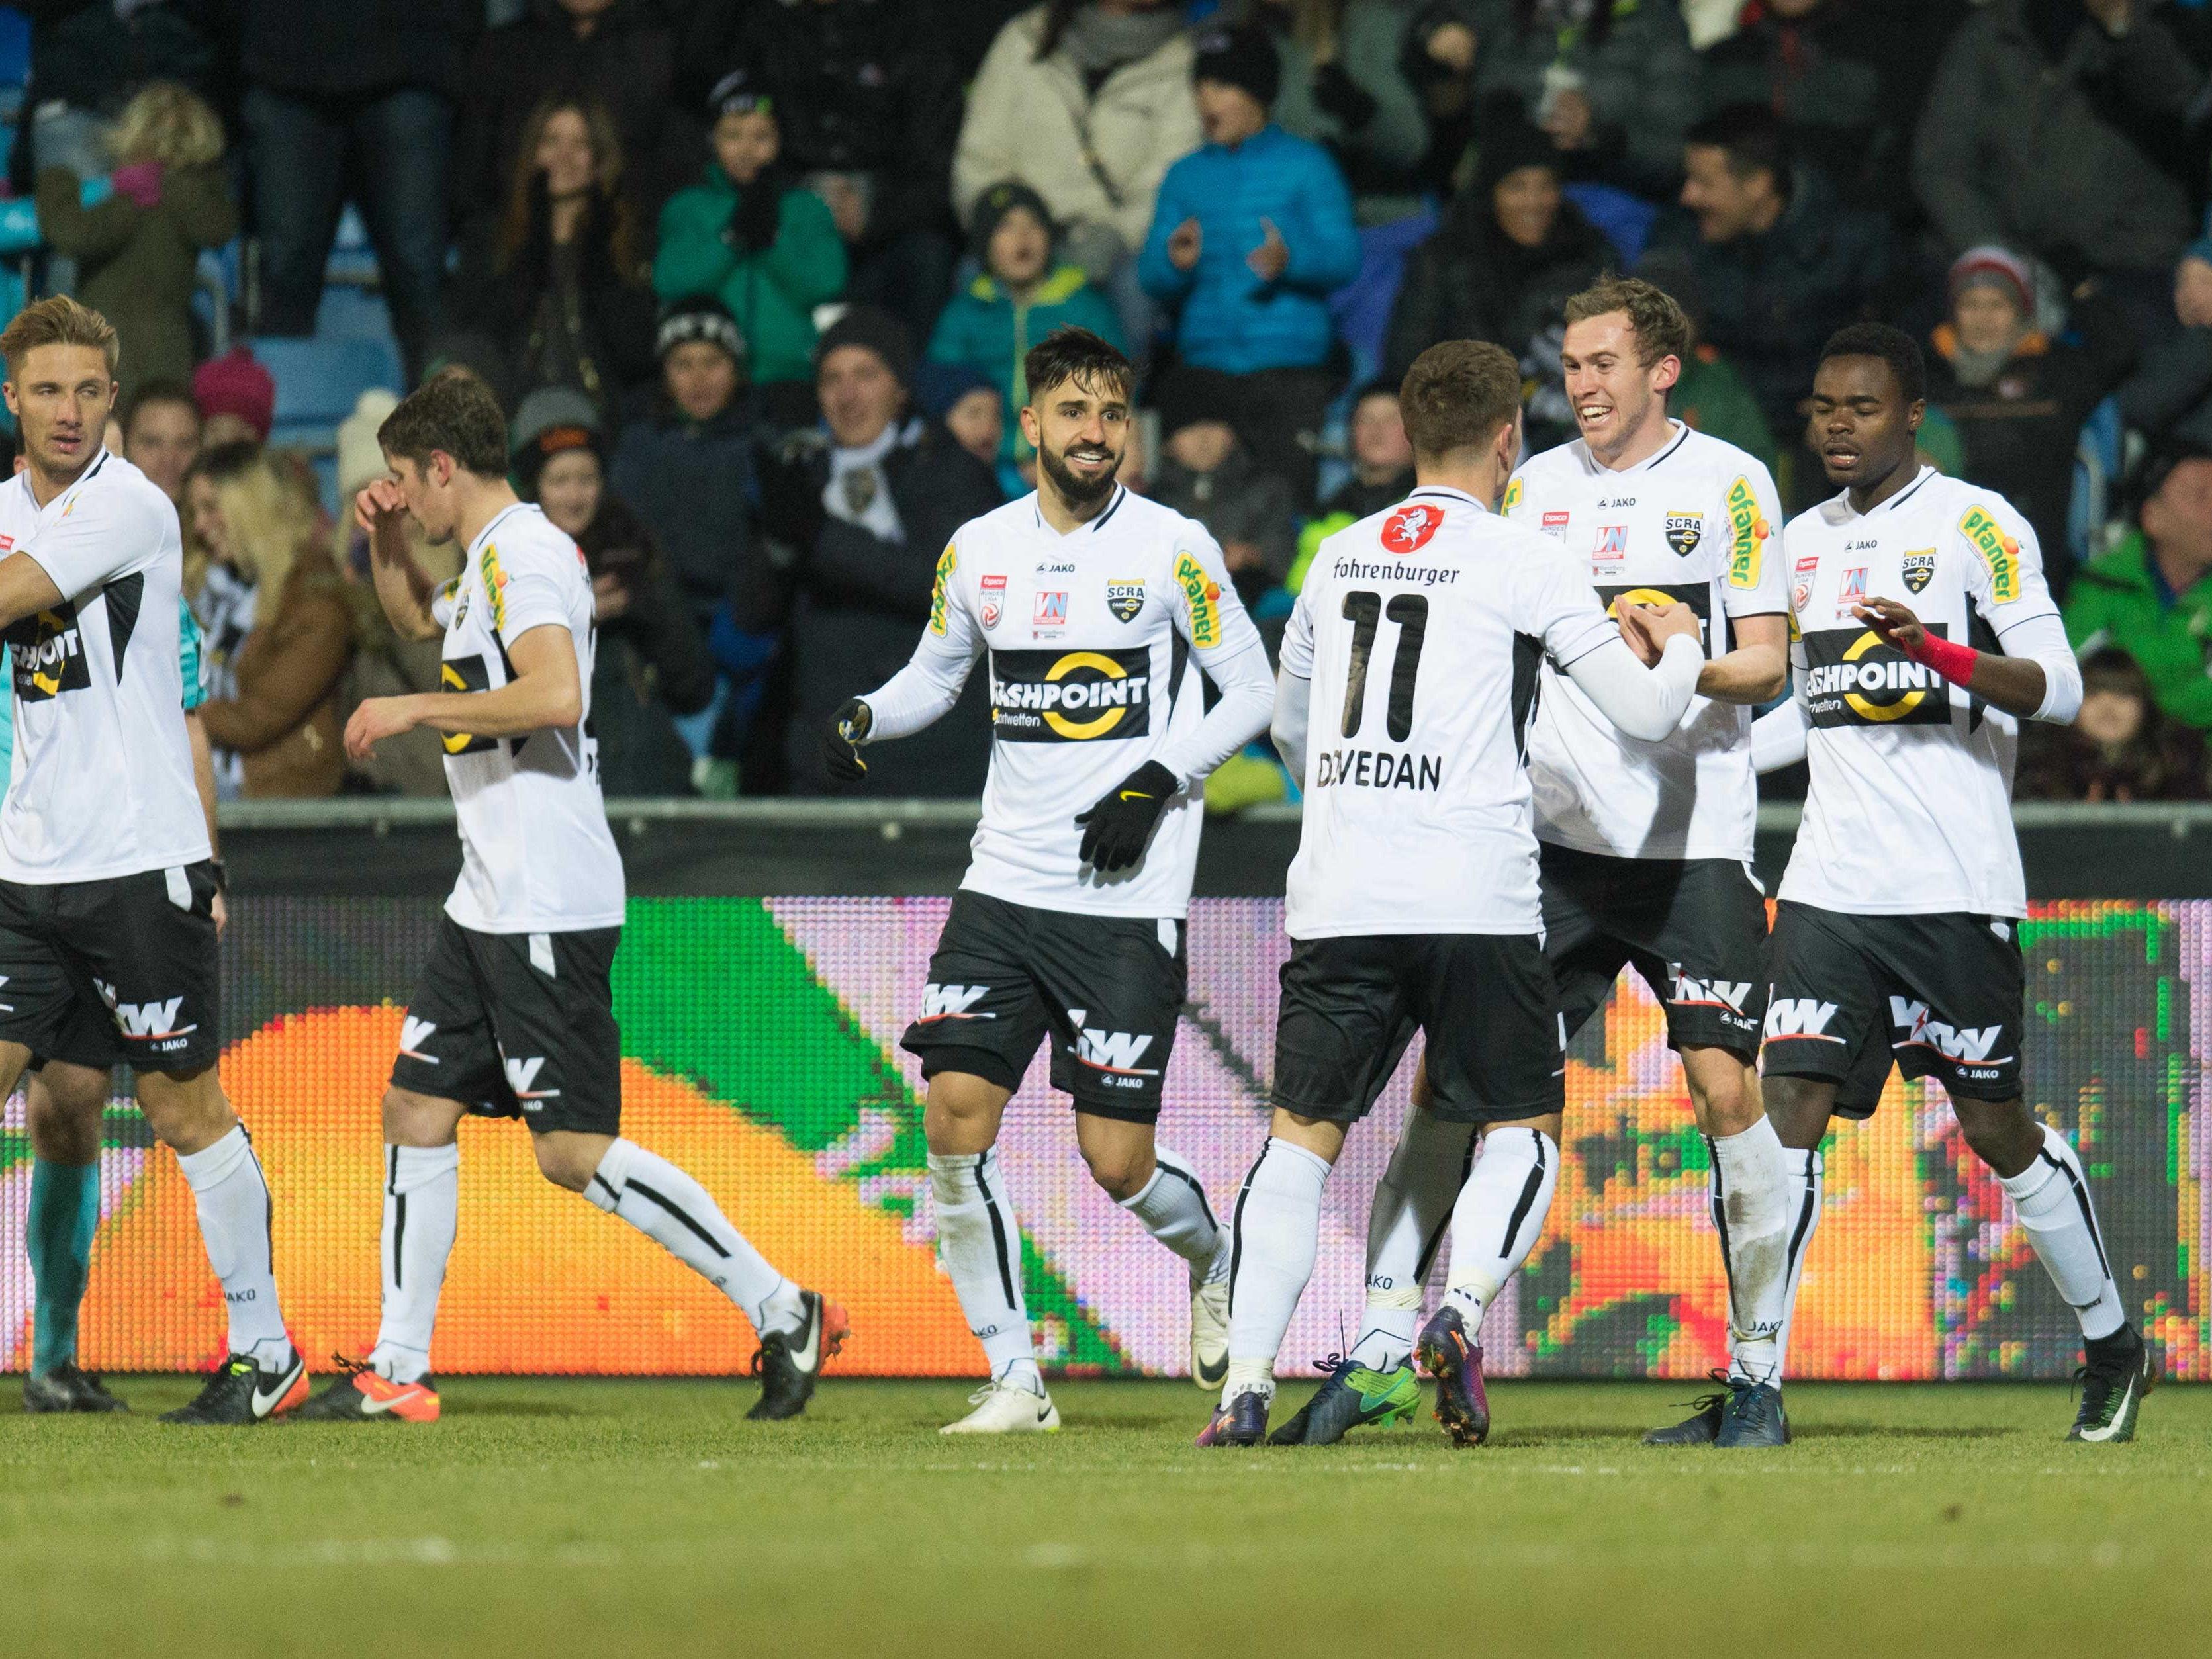 Jubel der Altach-Spieler nach dem 2:0 während der tipico Bundesliga-Begegnung zwischen Cashpoint SCR Altach und SK Rapid Wien